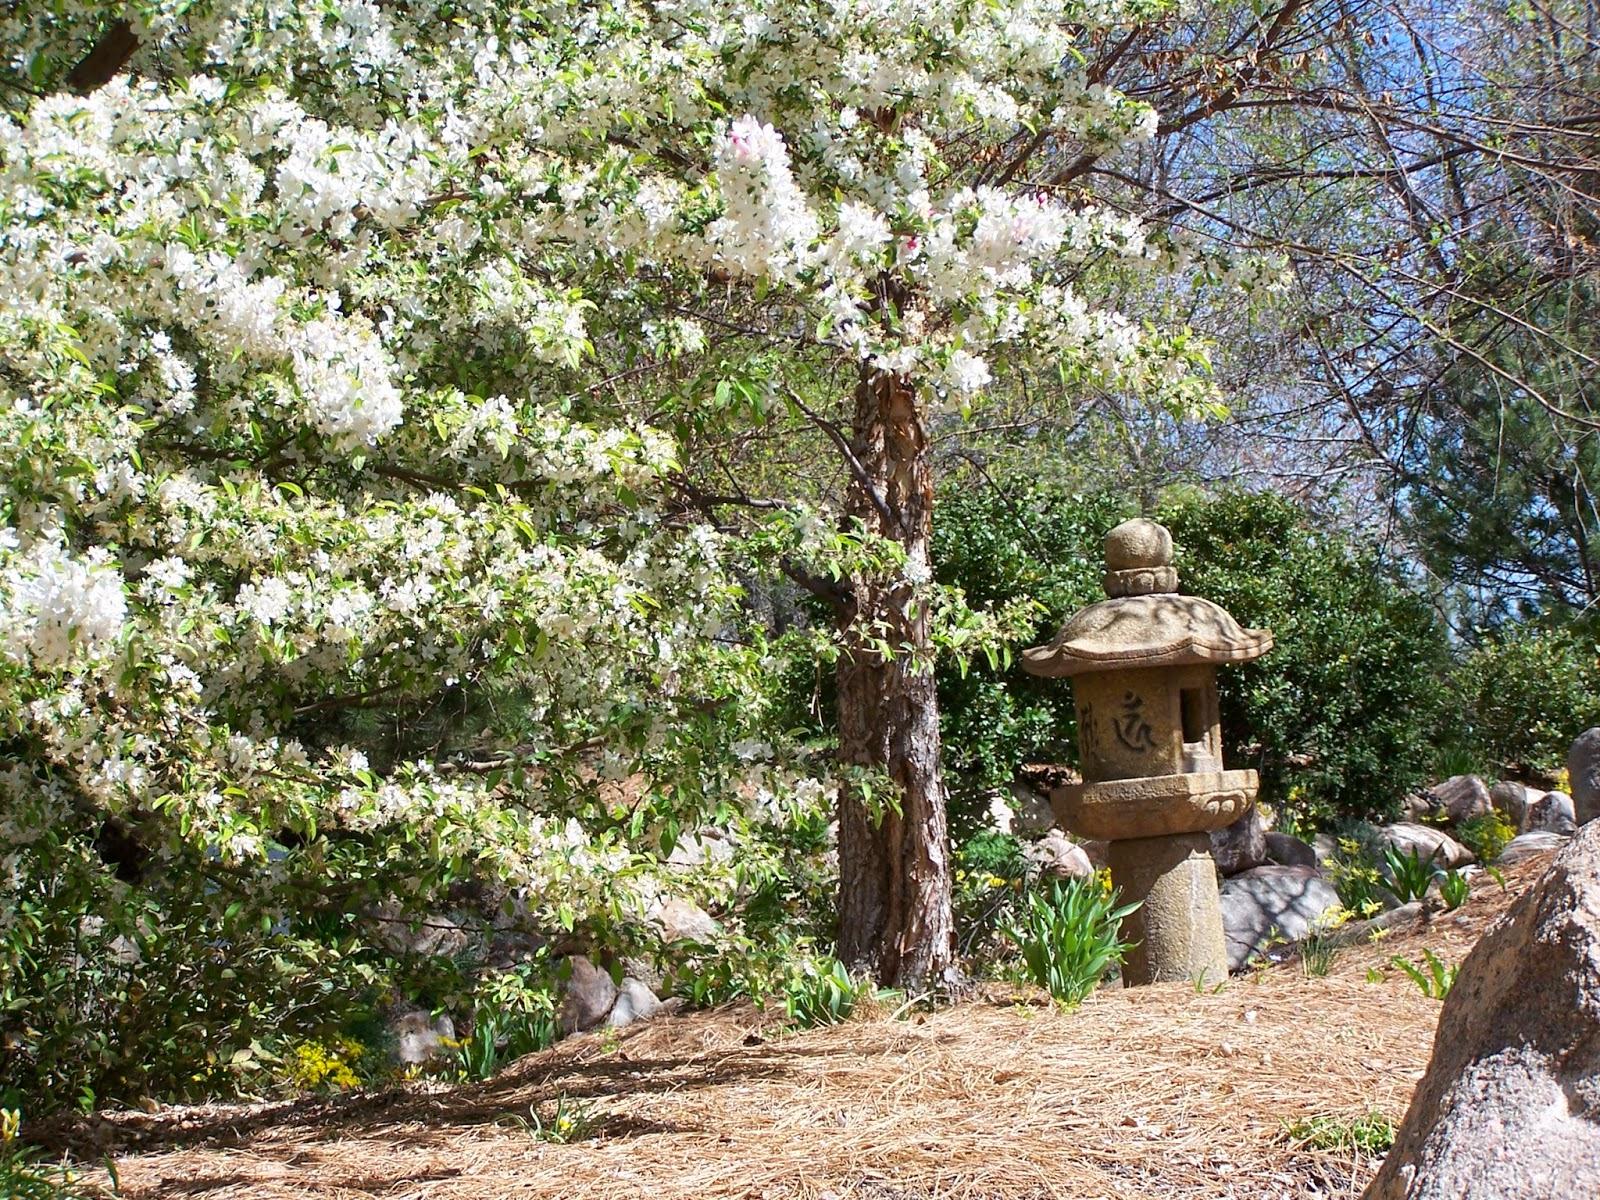 Synova: Albuquerque Botanical Garden